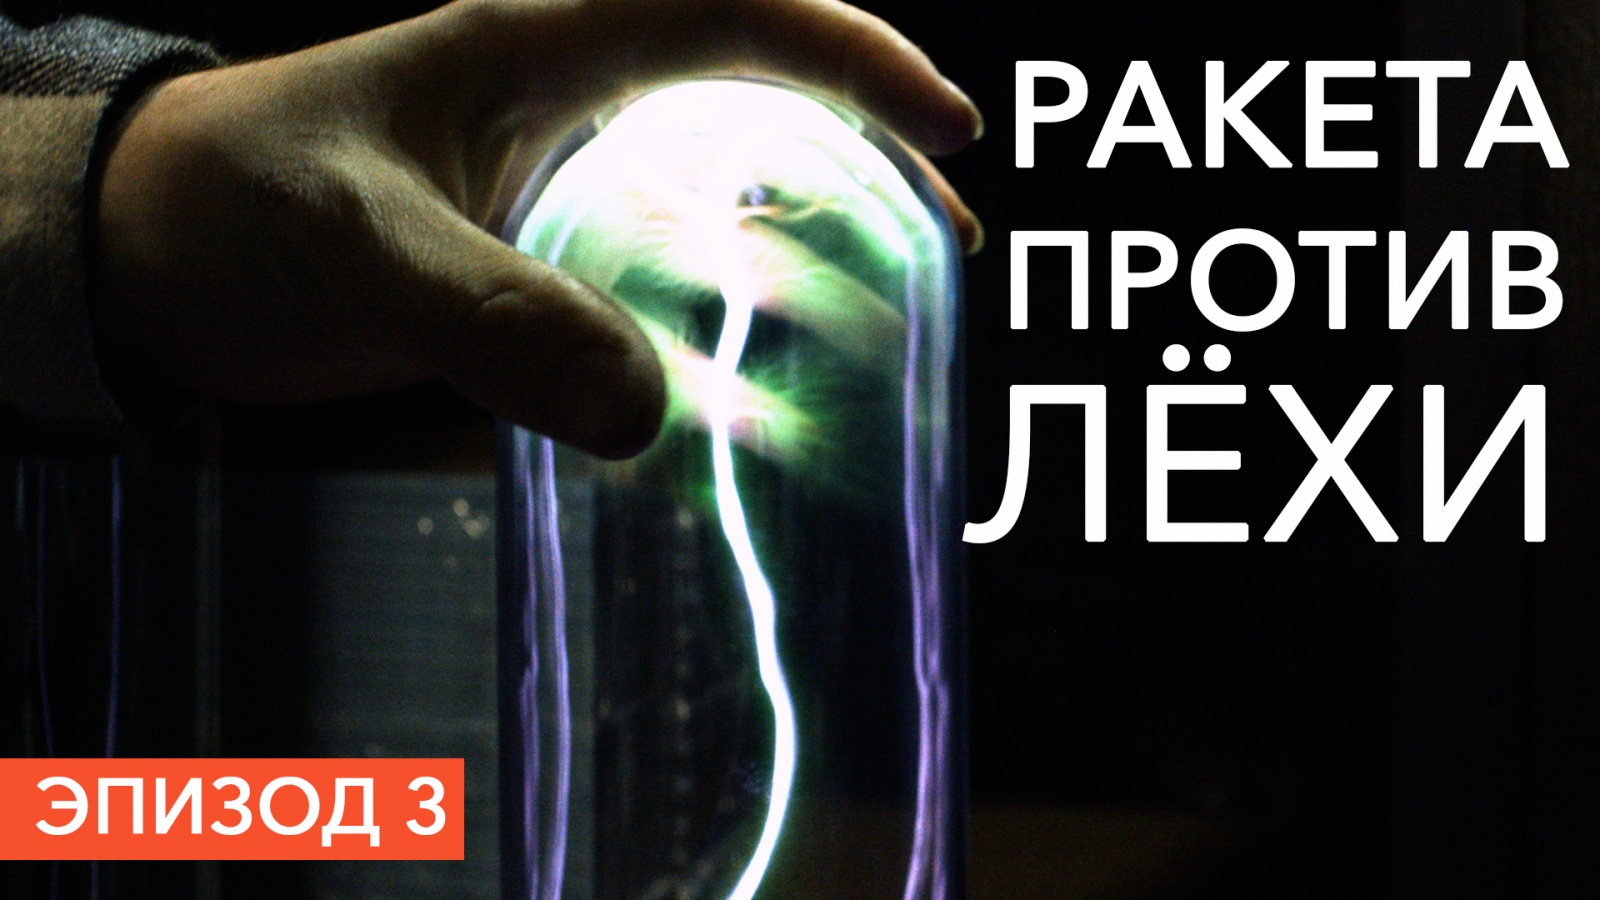 Ракета от Амперки, часть 3: Токарка, допилы стенда, электроника - 1